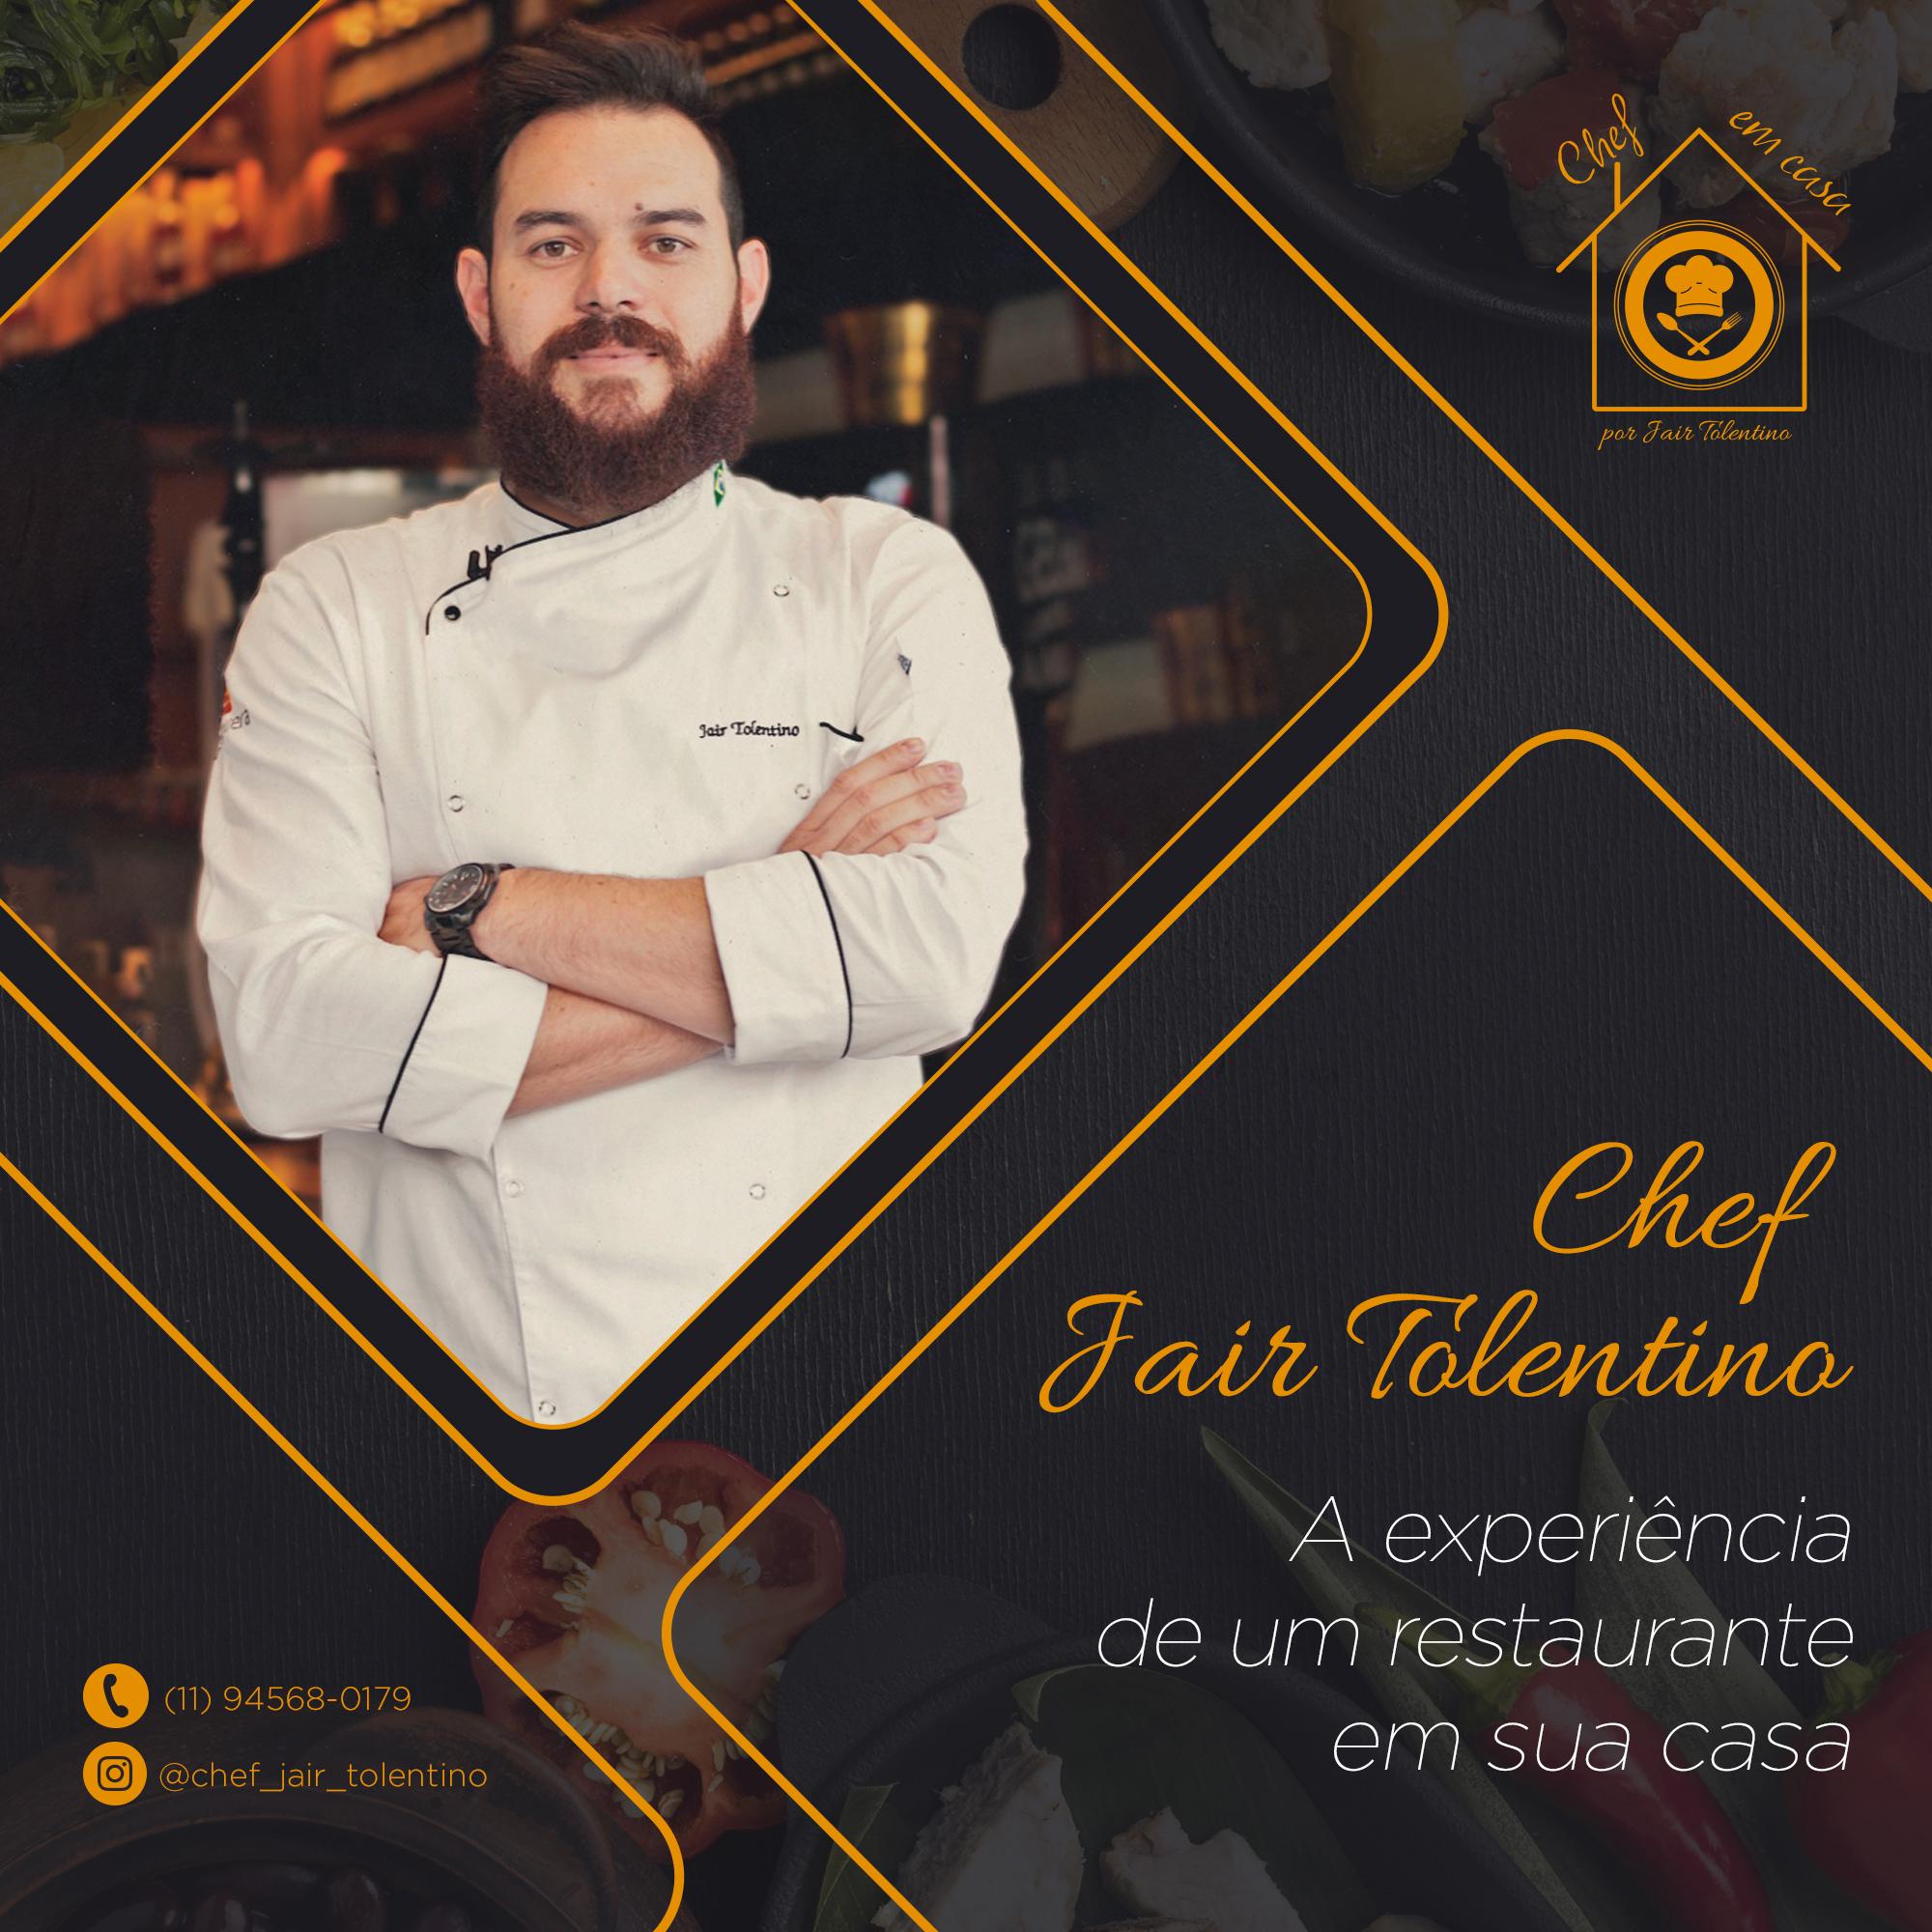 chef_jair_tolentino_atl